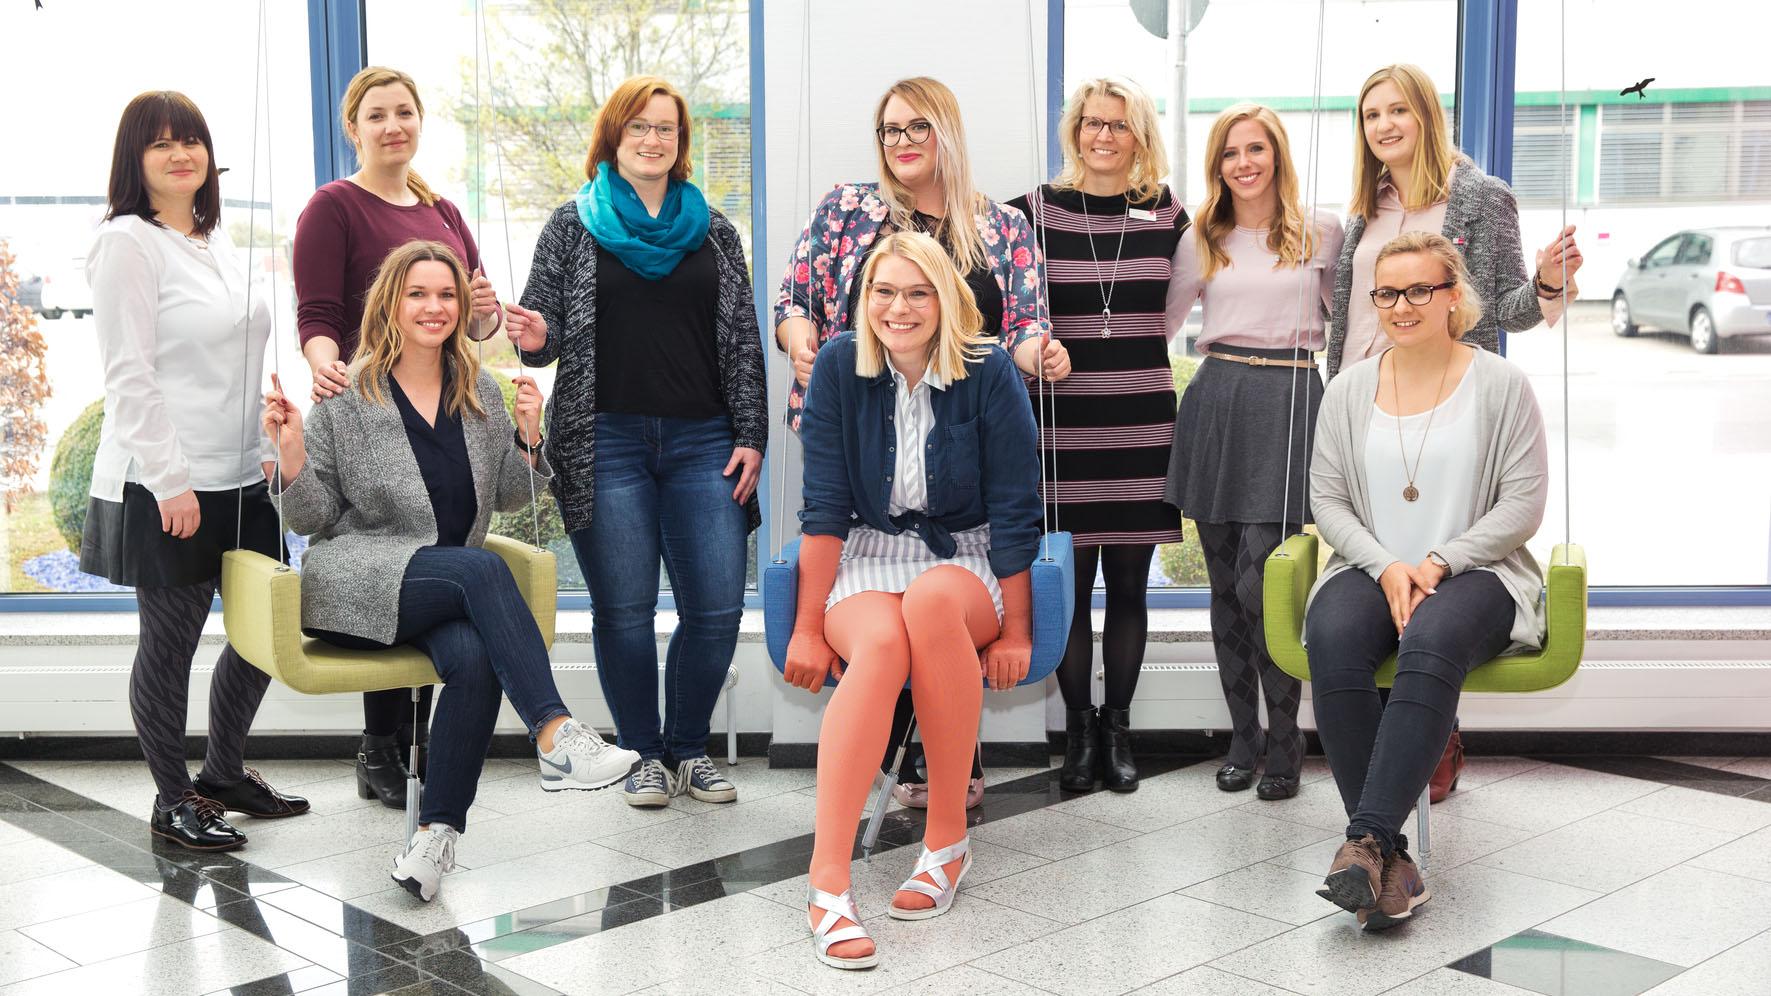 lipoedem mode backstage medi team Über Lipödem Mode